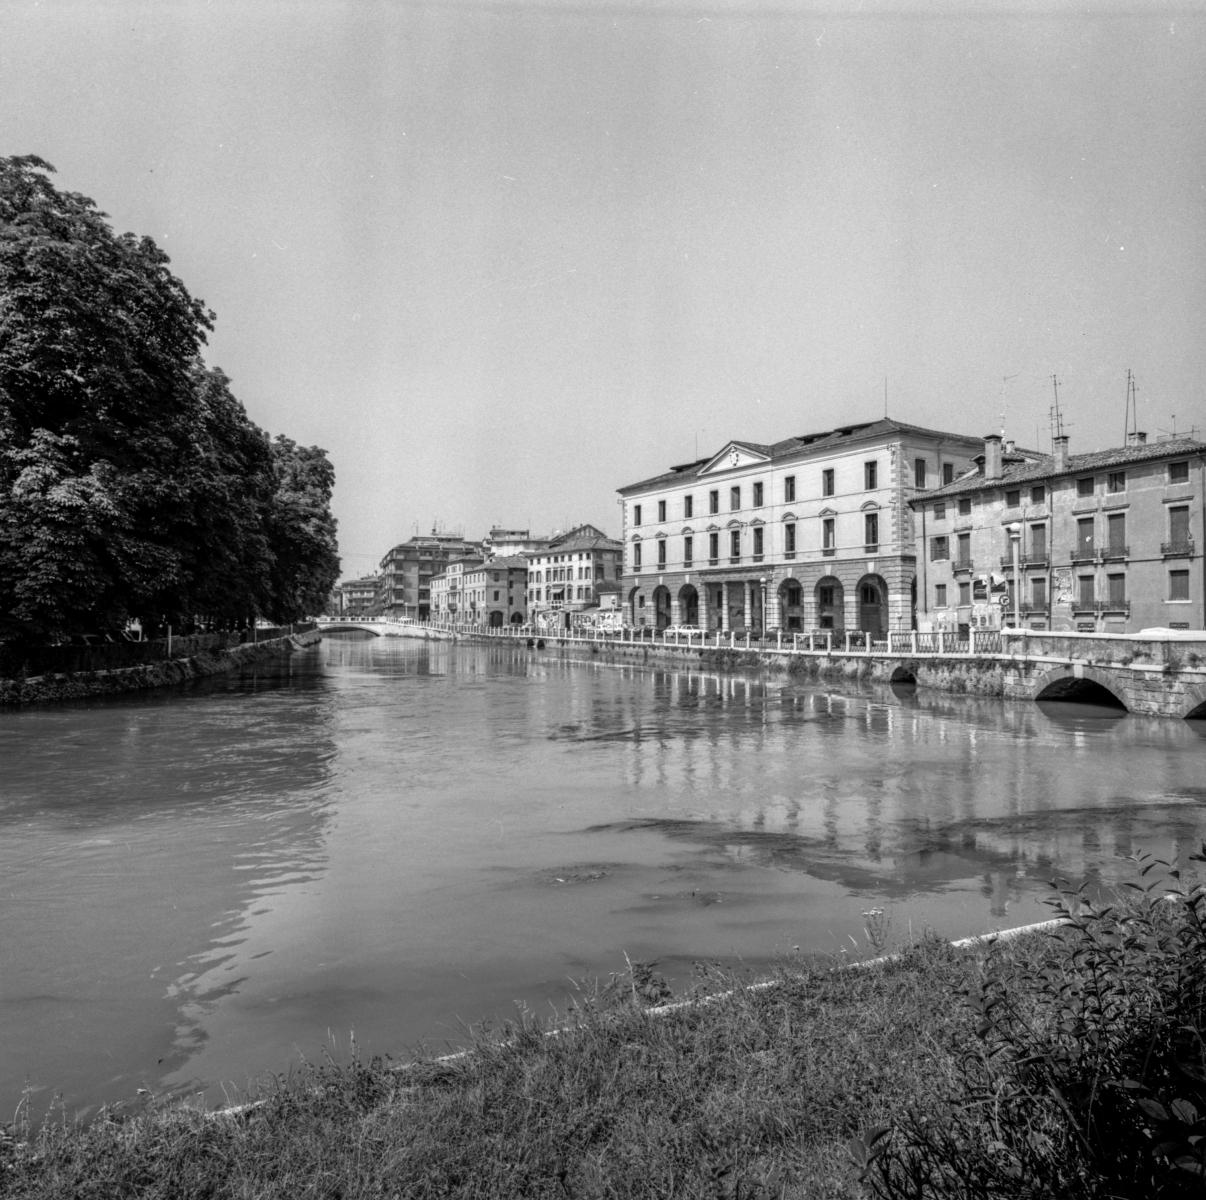 ponte-dante-1977